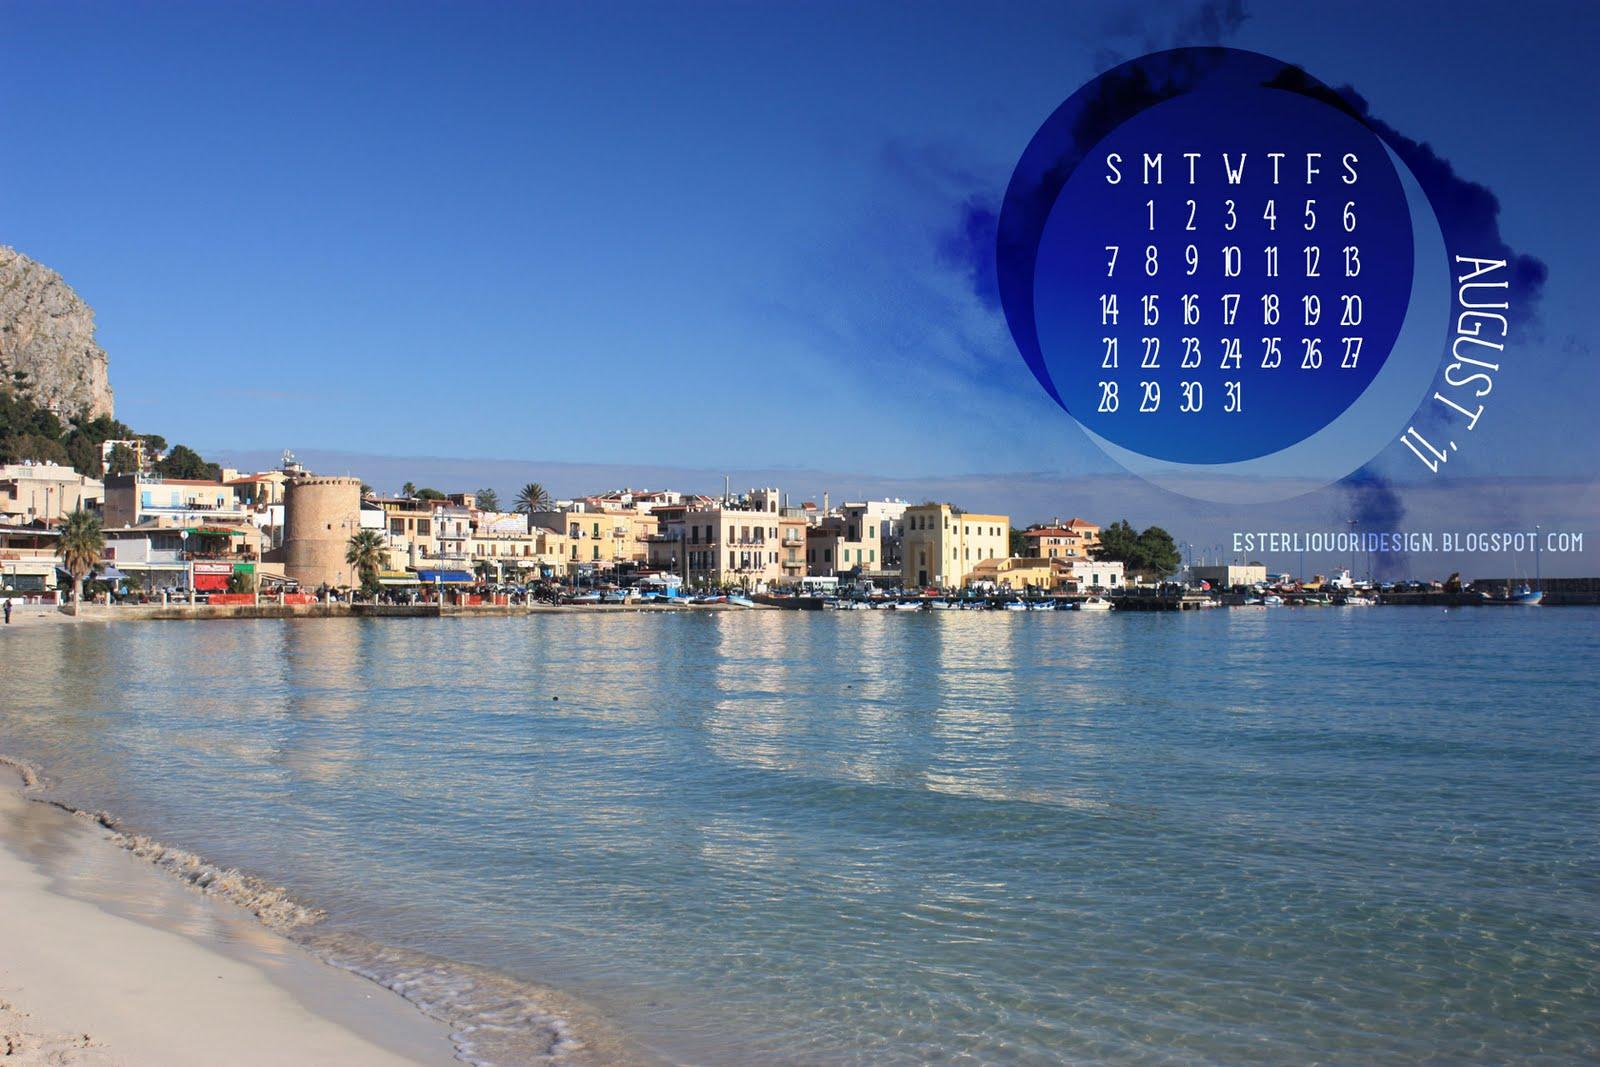 http://3.bp.blogspot.com/-VYGgKbZqQ_w/Tjaz0YnleKI/AAAAAAAADxo/4kHHwT17kHQ/s1600/august-11blue_sun-calendar-1920x1280.jpg